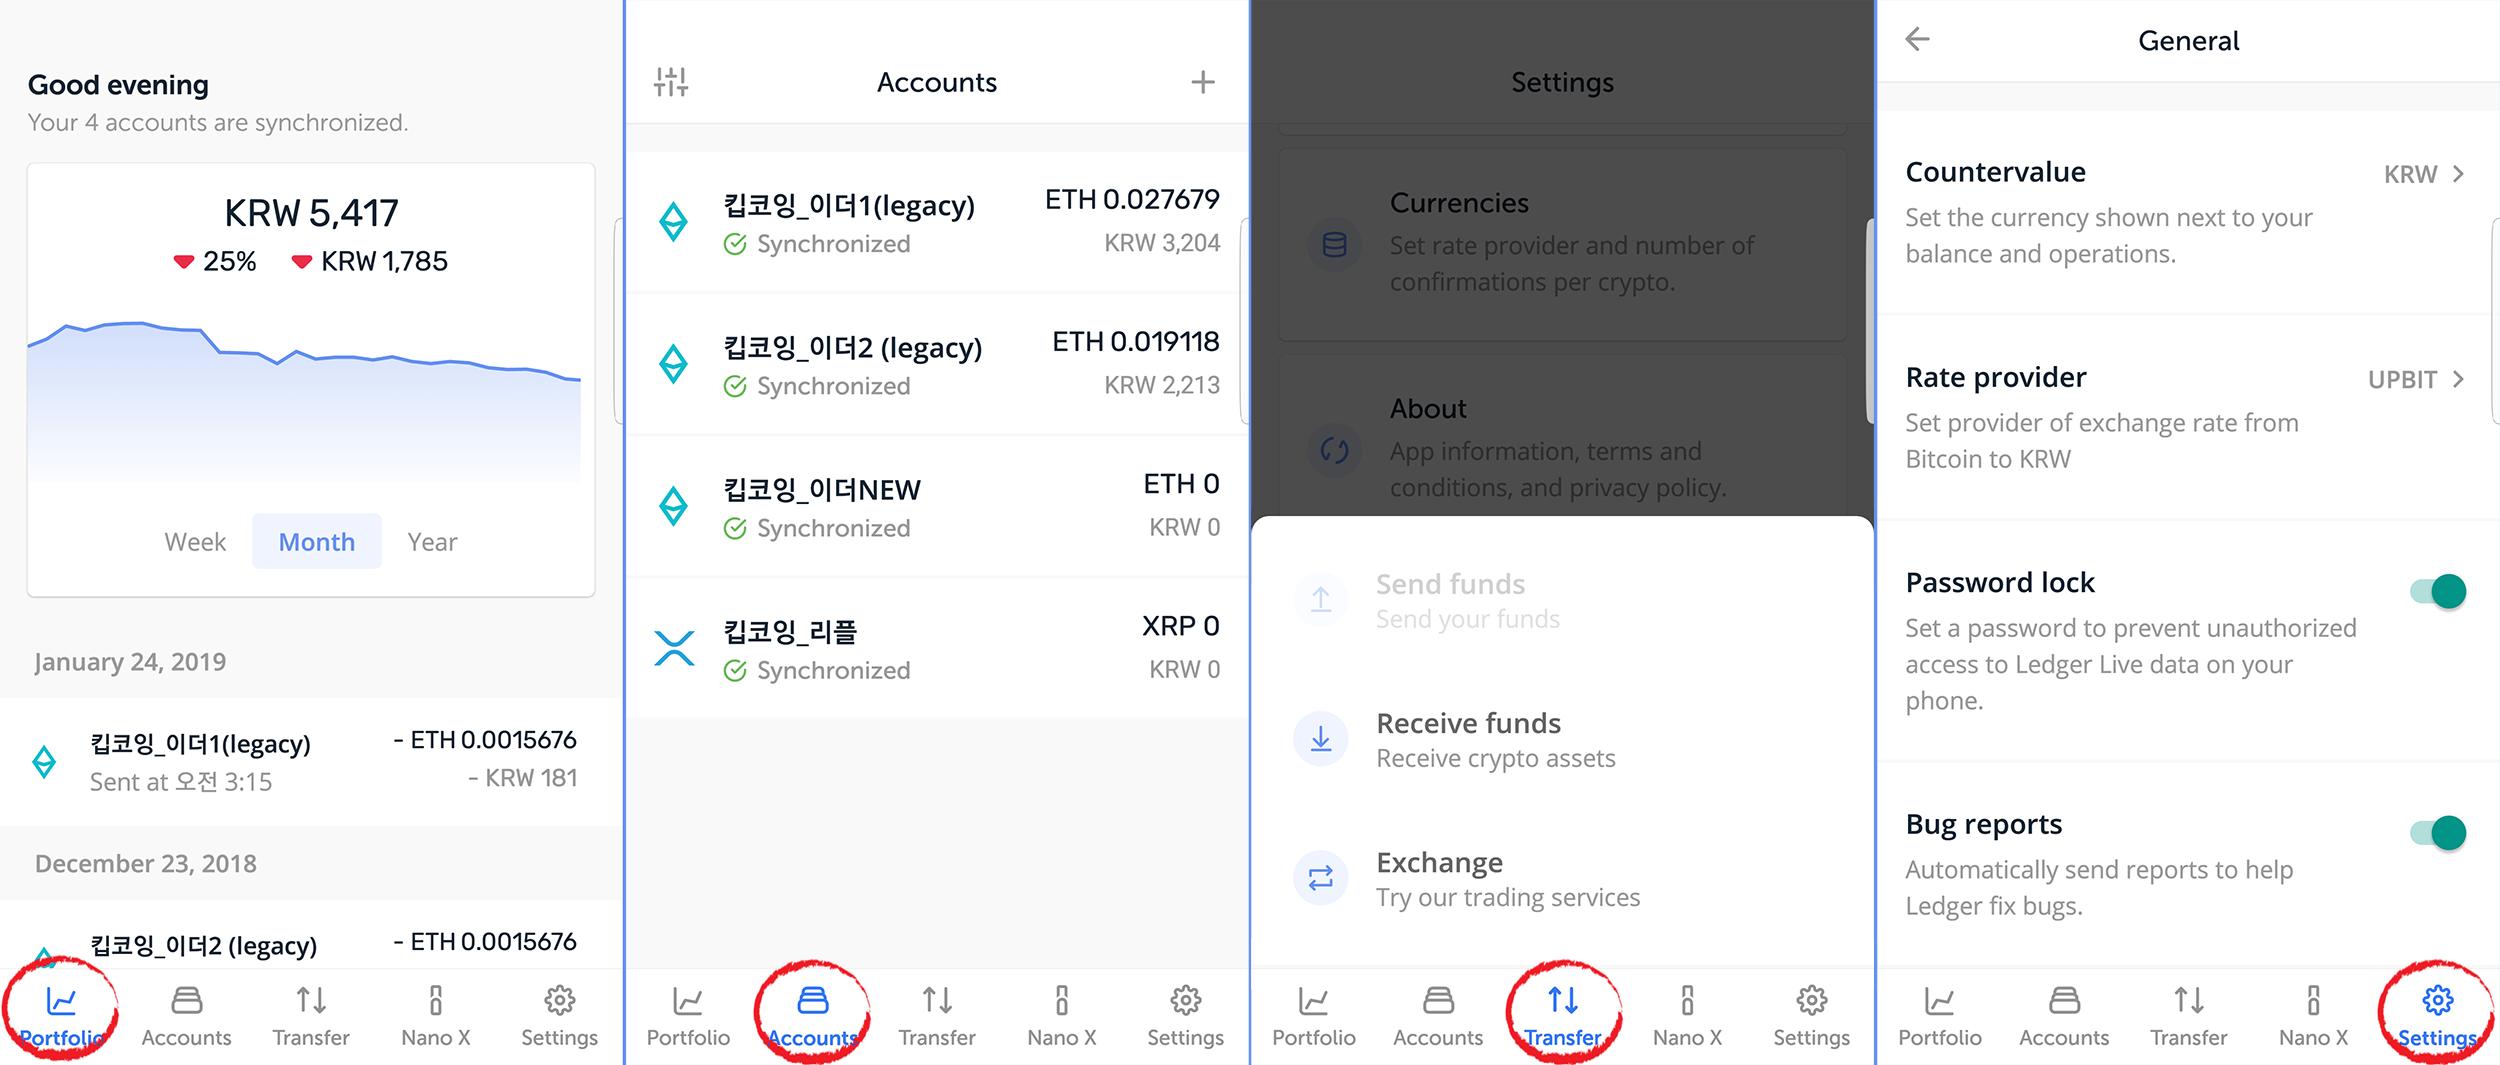 레저 라이브 모바일 앱(Ledger live mobile application)